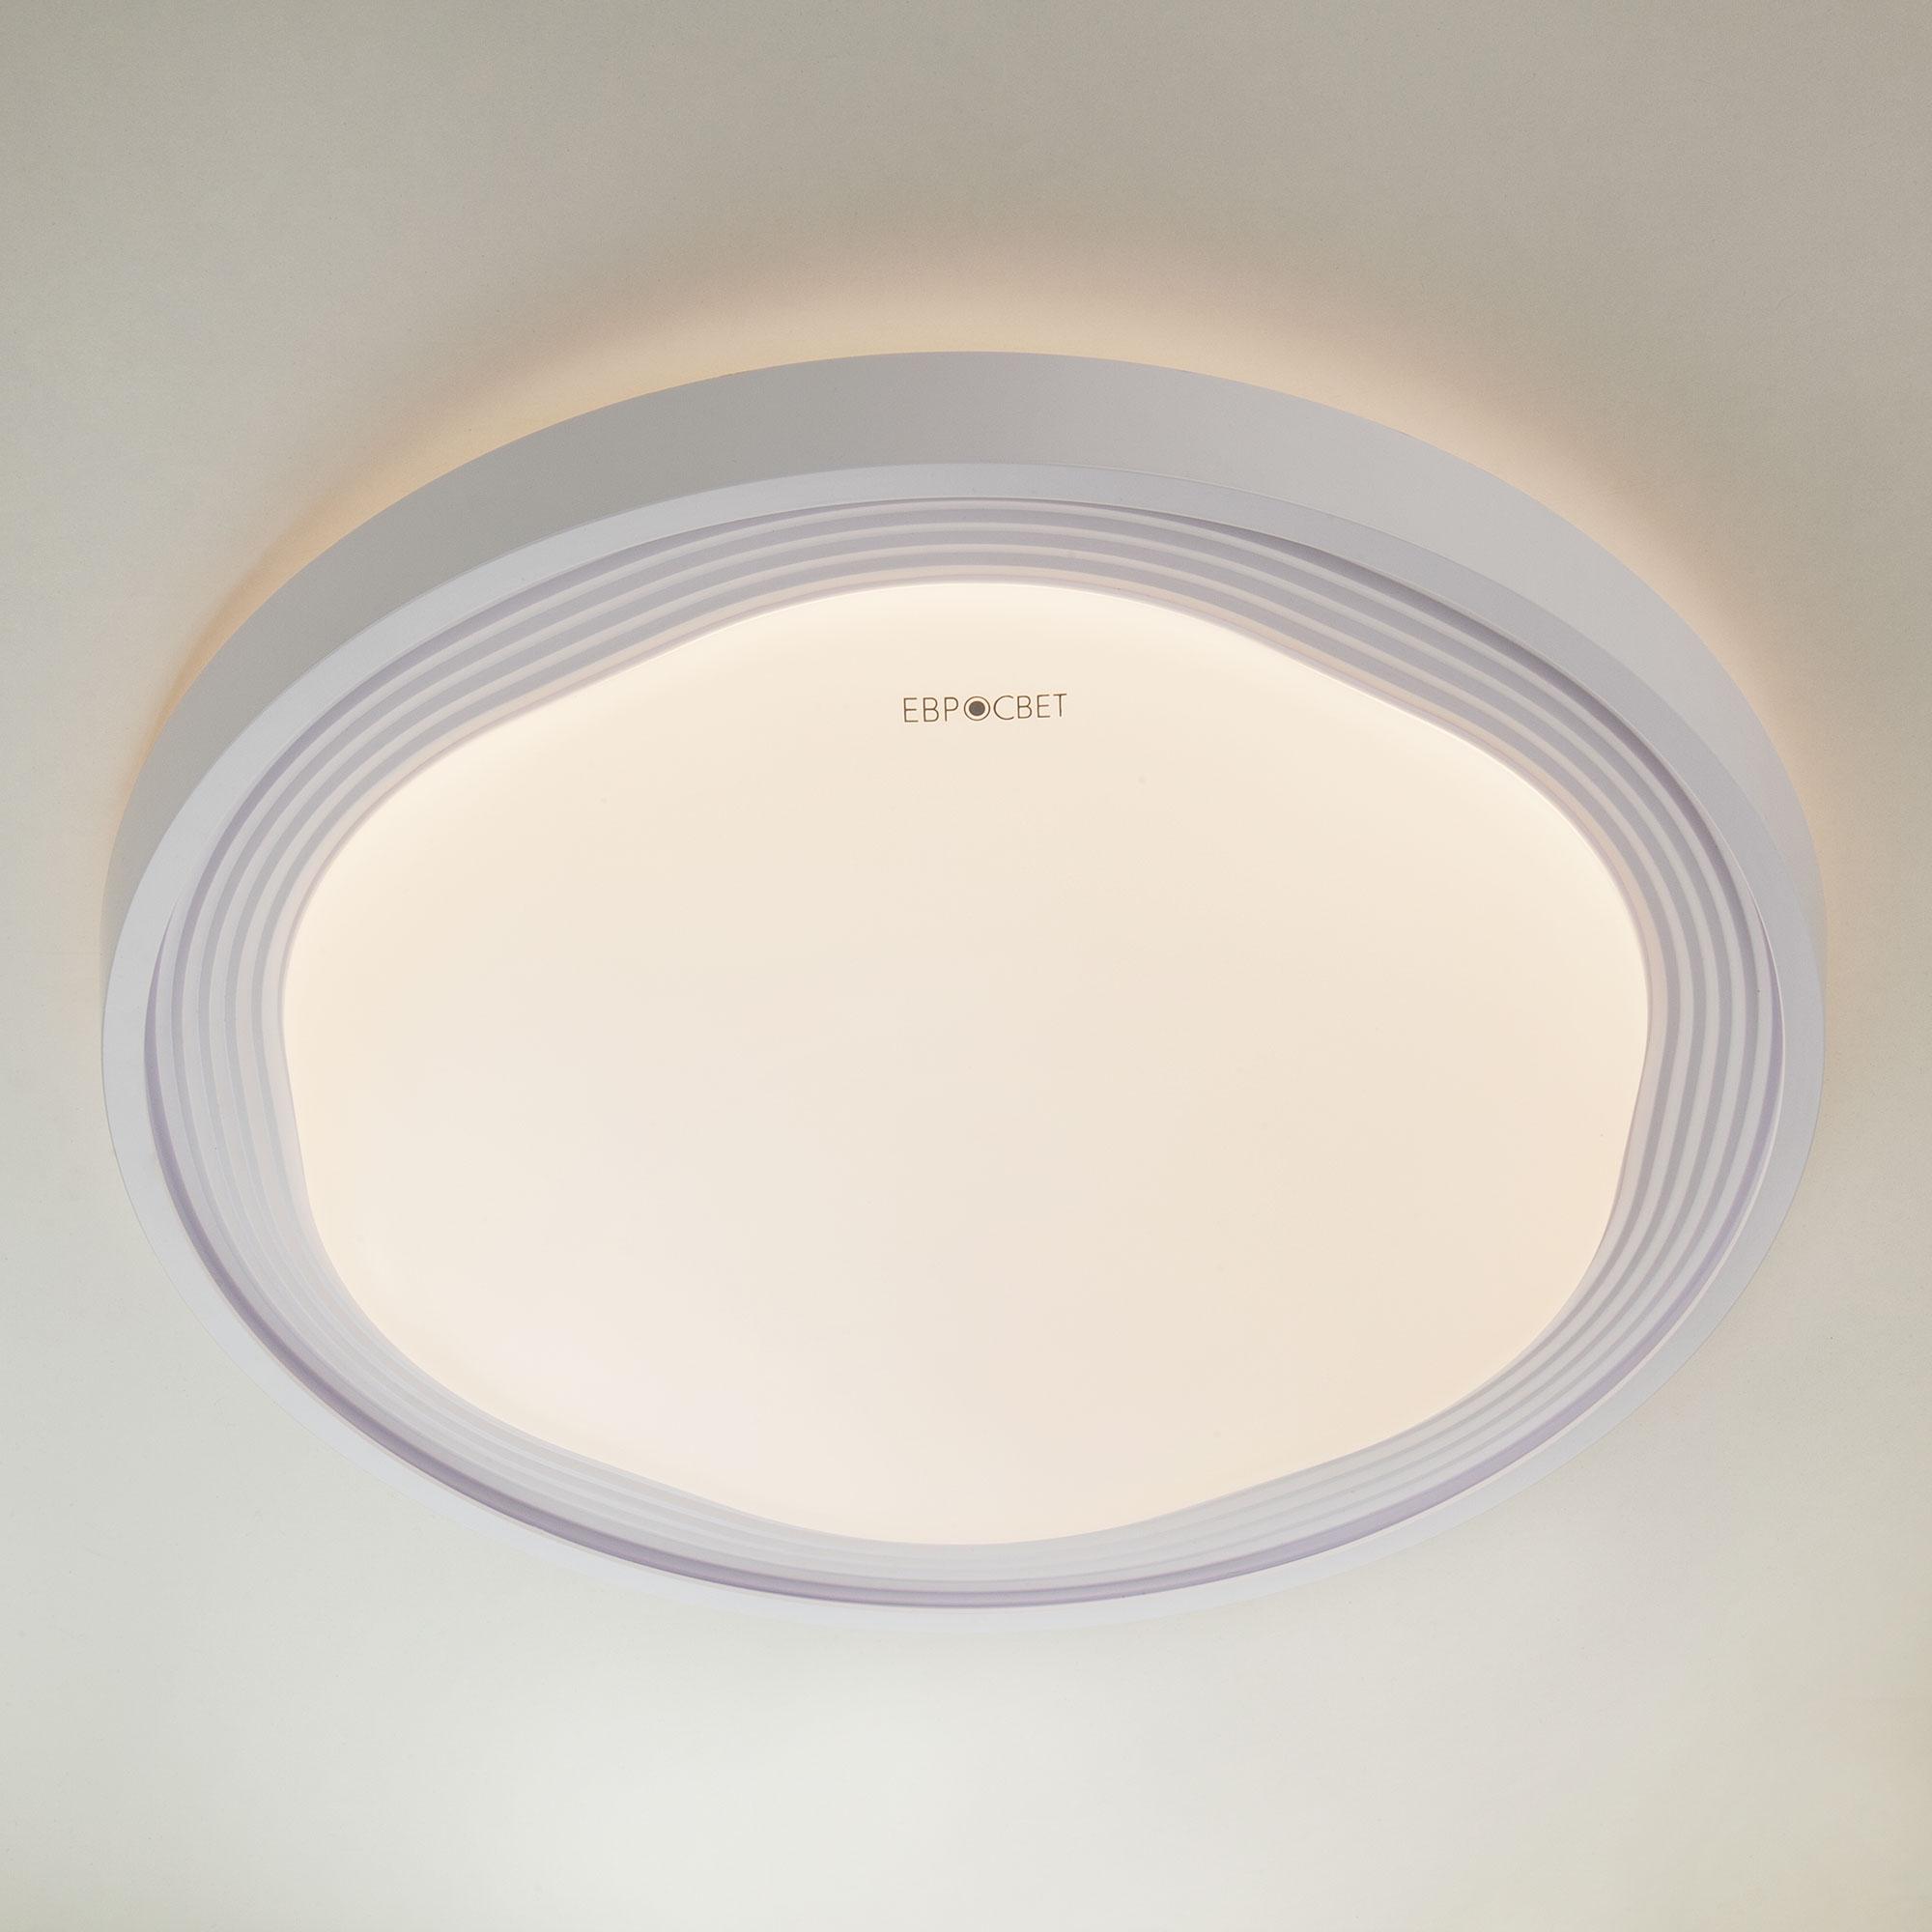 Потолочный светодиодный светильник 40006/1 LED белый ЕВРОСВЕТ